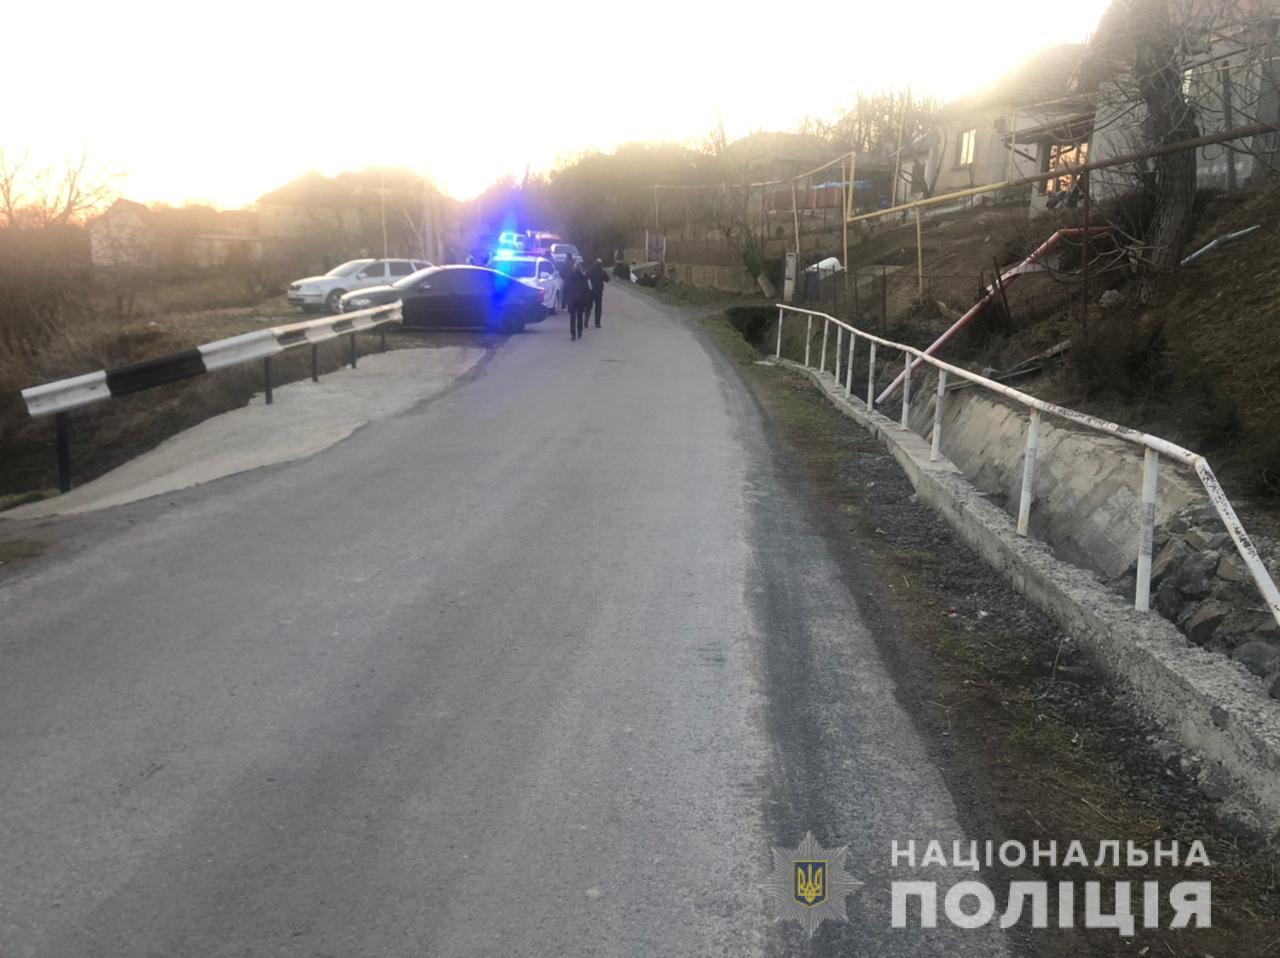 Внаслідок аварії  водій загинув на місці,  його пасажира доставлено до  місцевої  лікарні. За фактом дорожньо-транспортної  пригоди слідчі розпочали розслідування